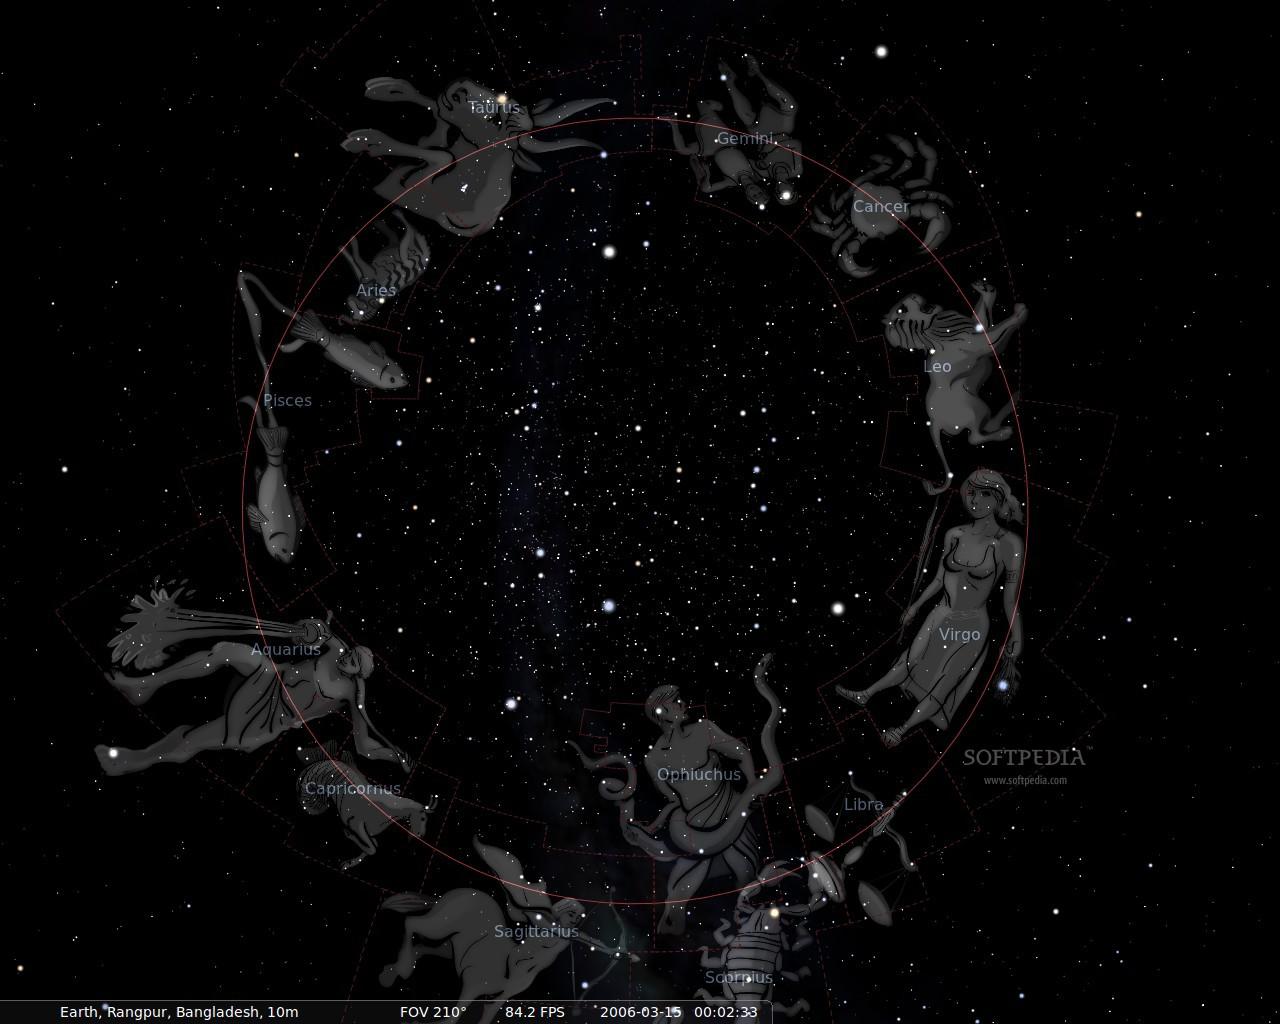 Иллюстрации созвездий в программе Stellarium